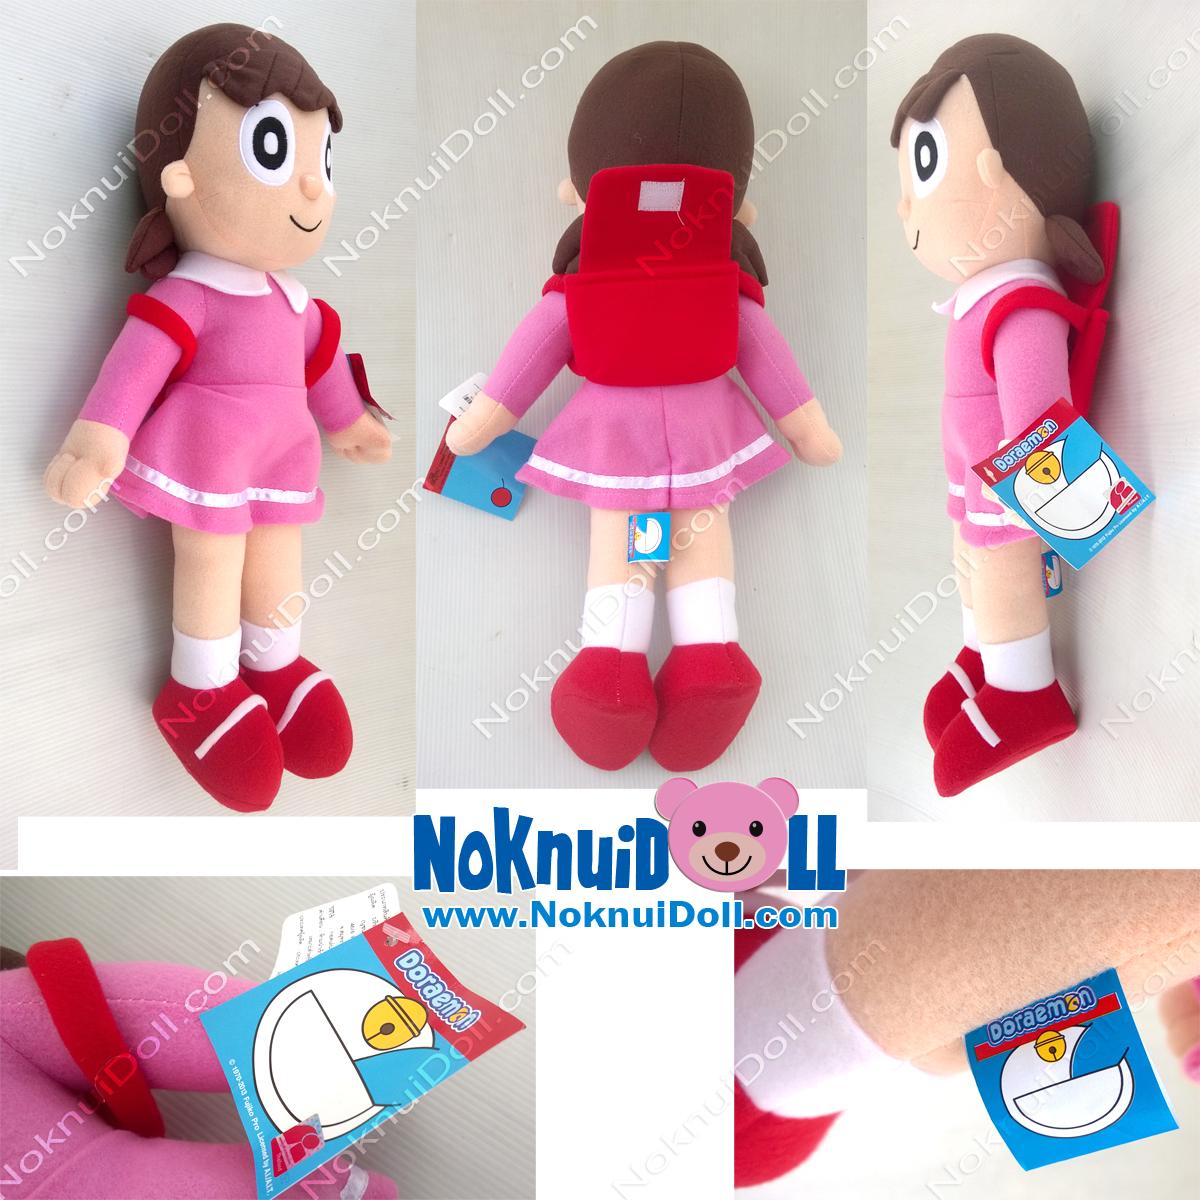 """เพื่อนโดเรมอน ตุ๊กตา ชิซูกะ-Shizuka  ผ้าทีเอฟ (ไม่มีขน) M-14"""""""